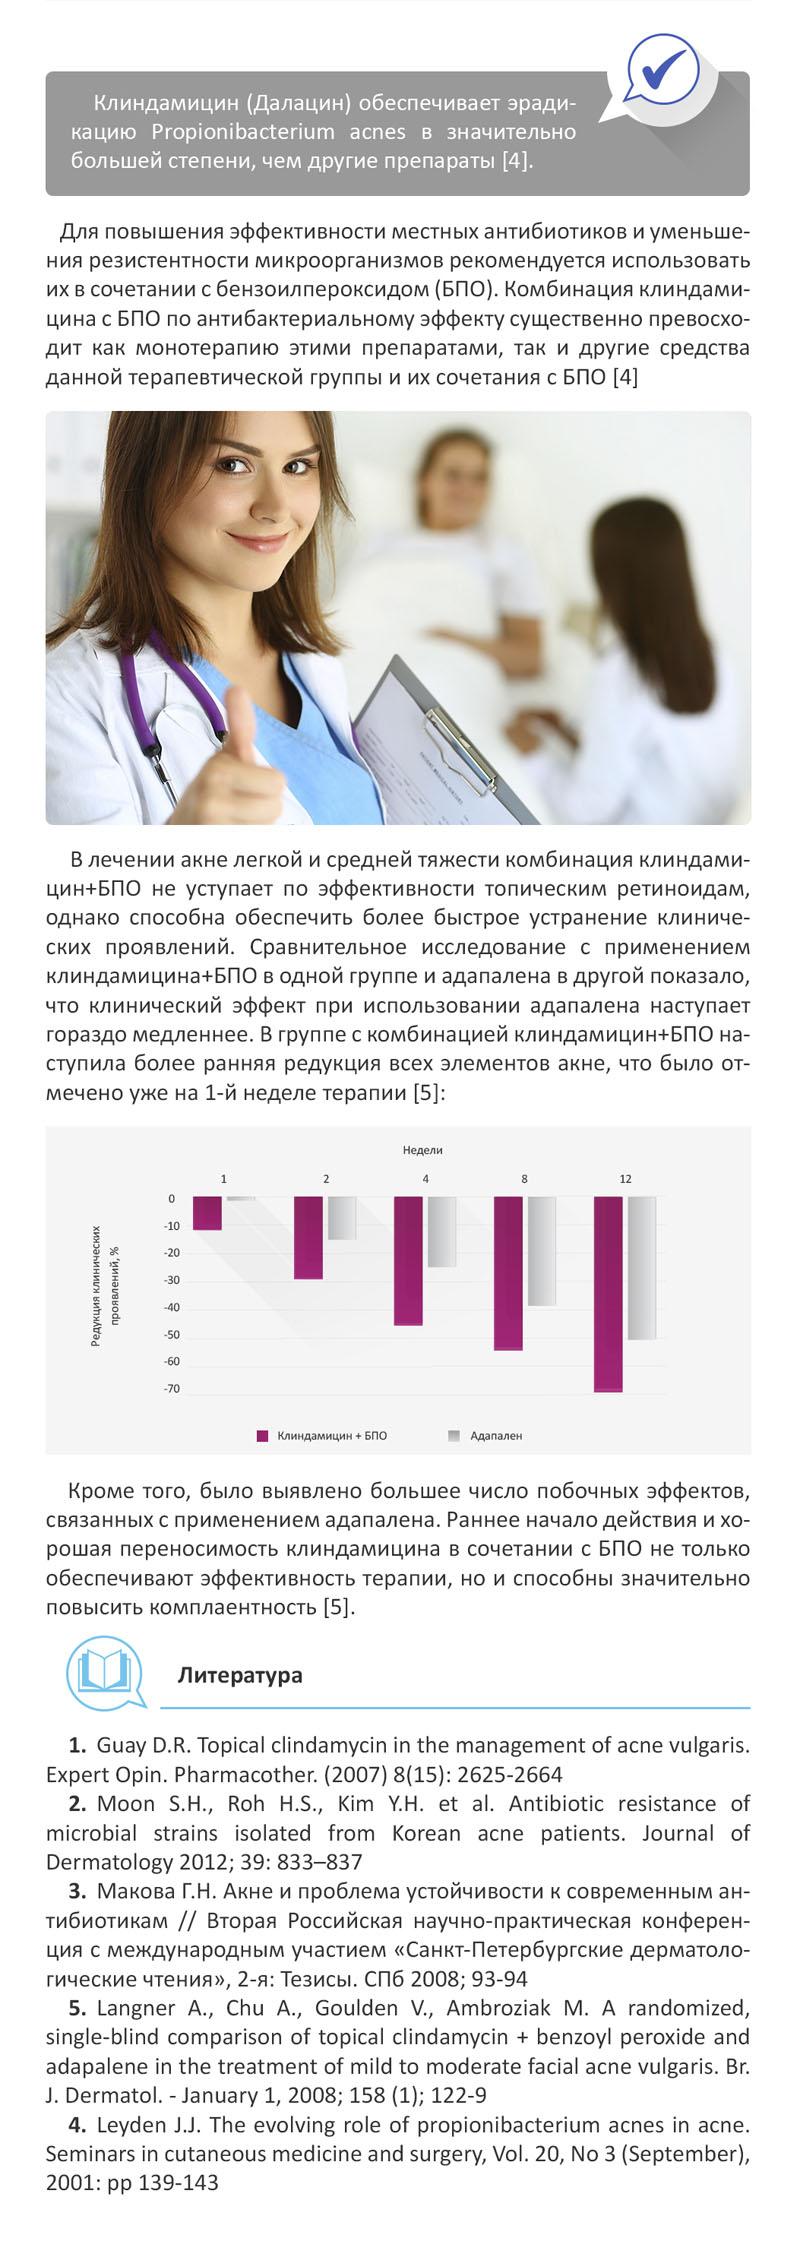 3-Данные по эффективности